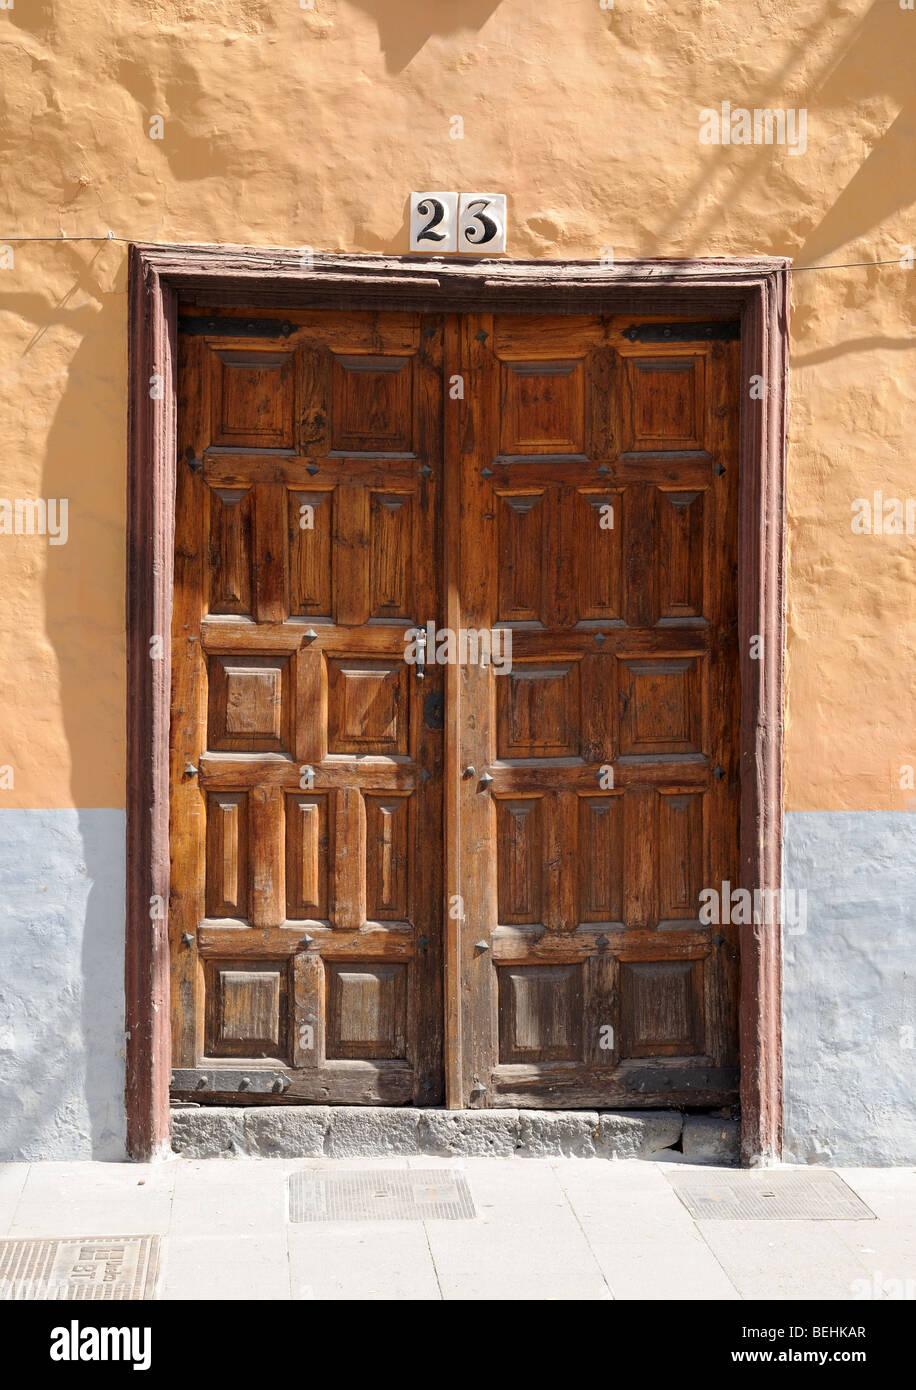 Old wooden door with number 23. Tenerife Spain - Stock Image